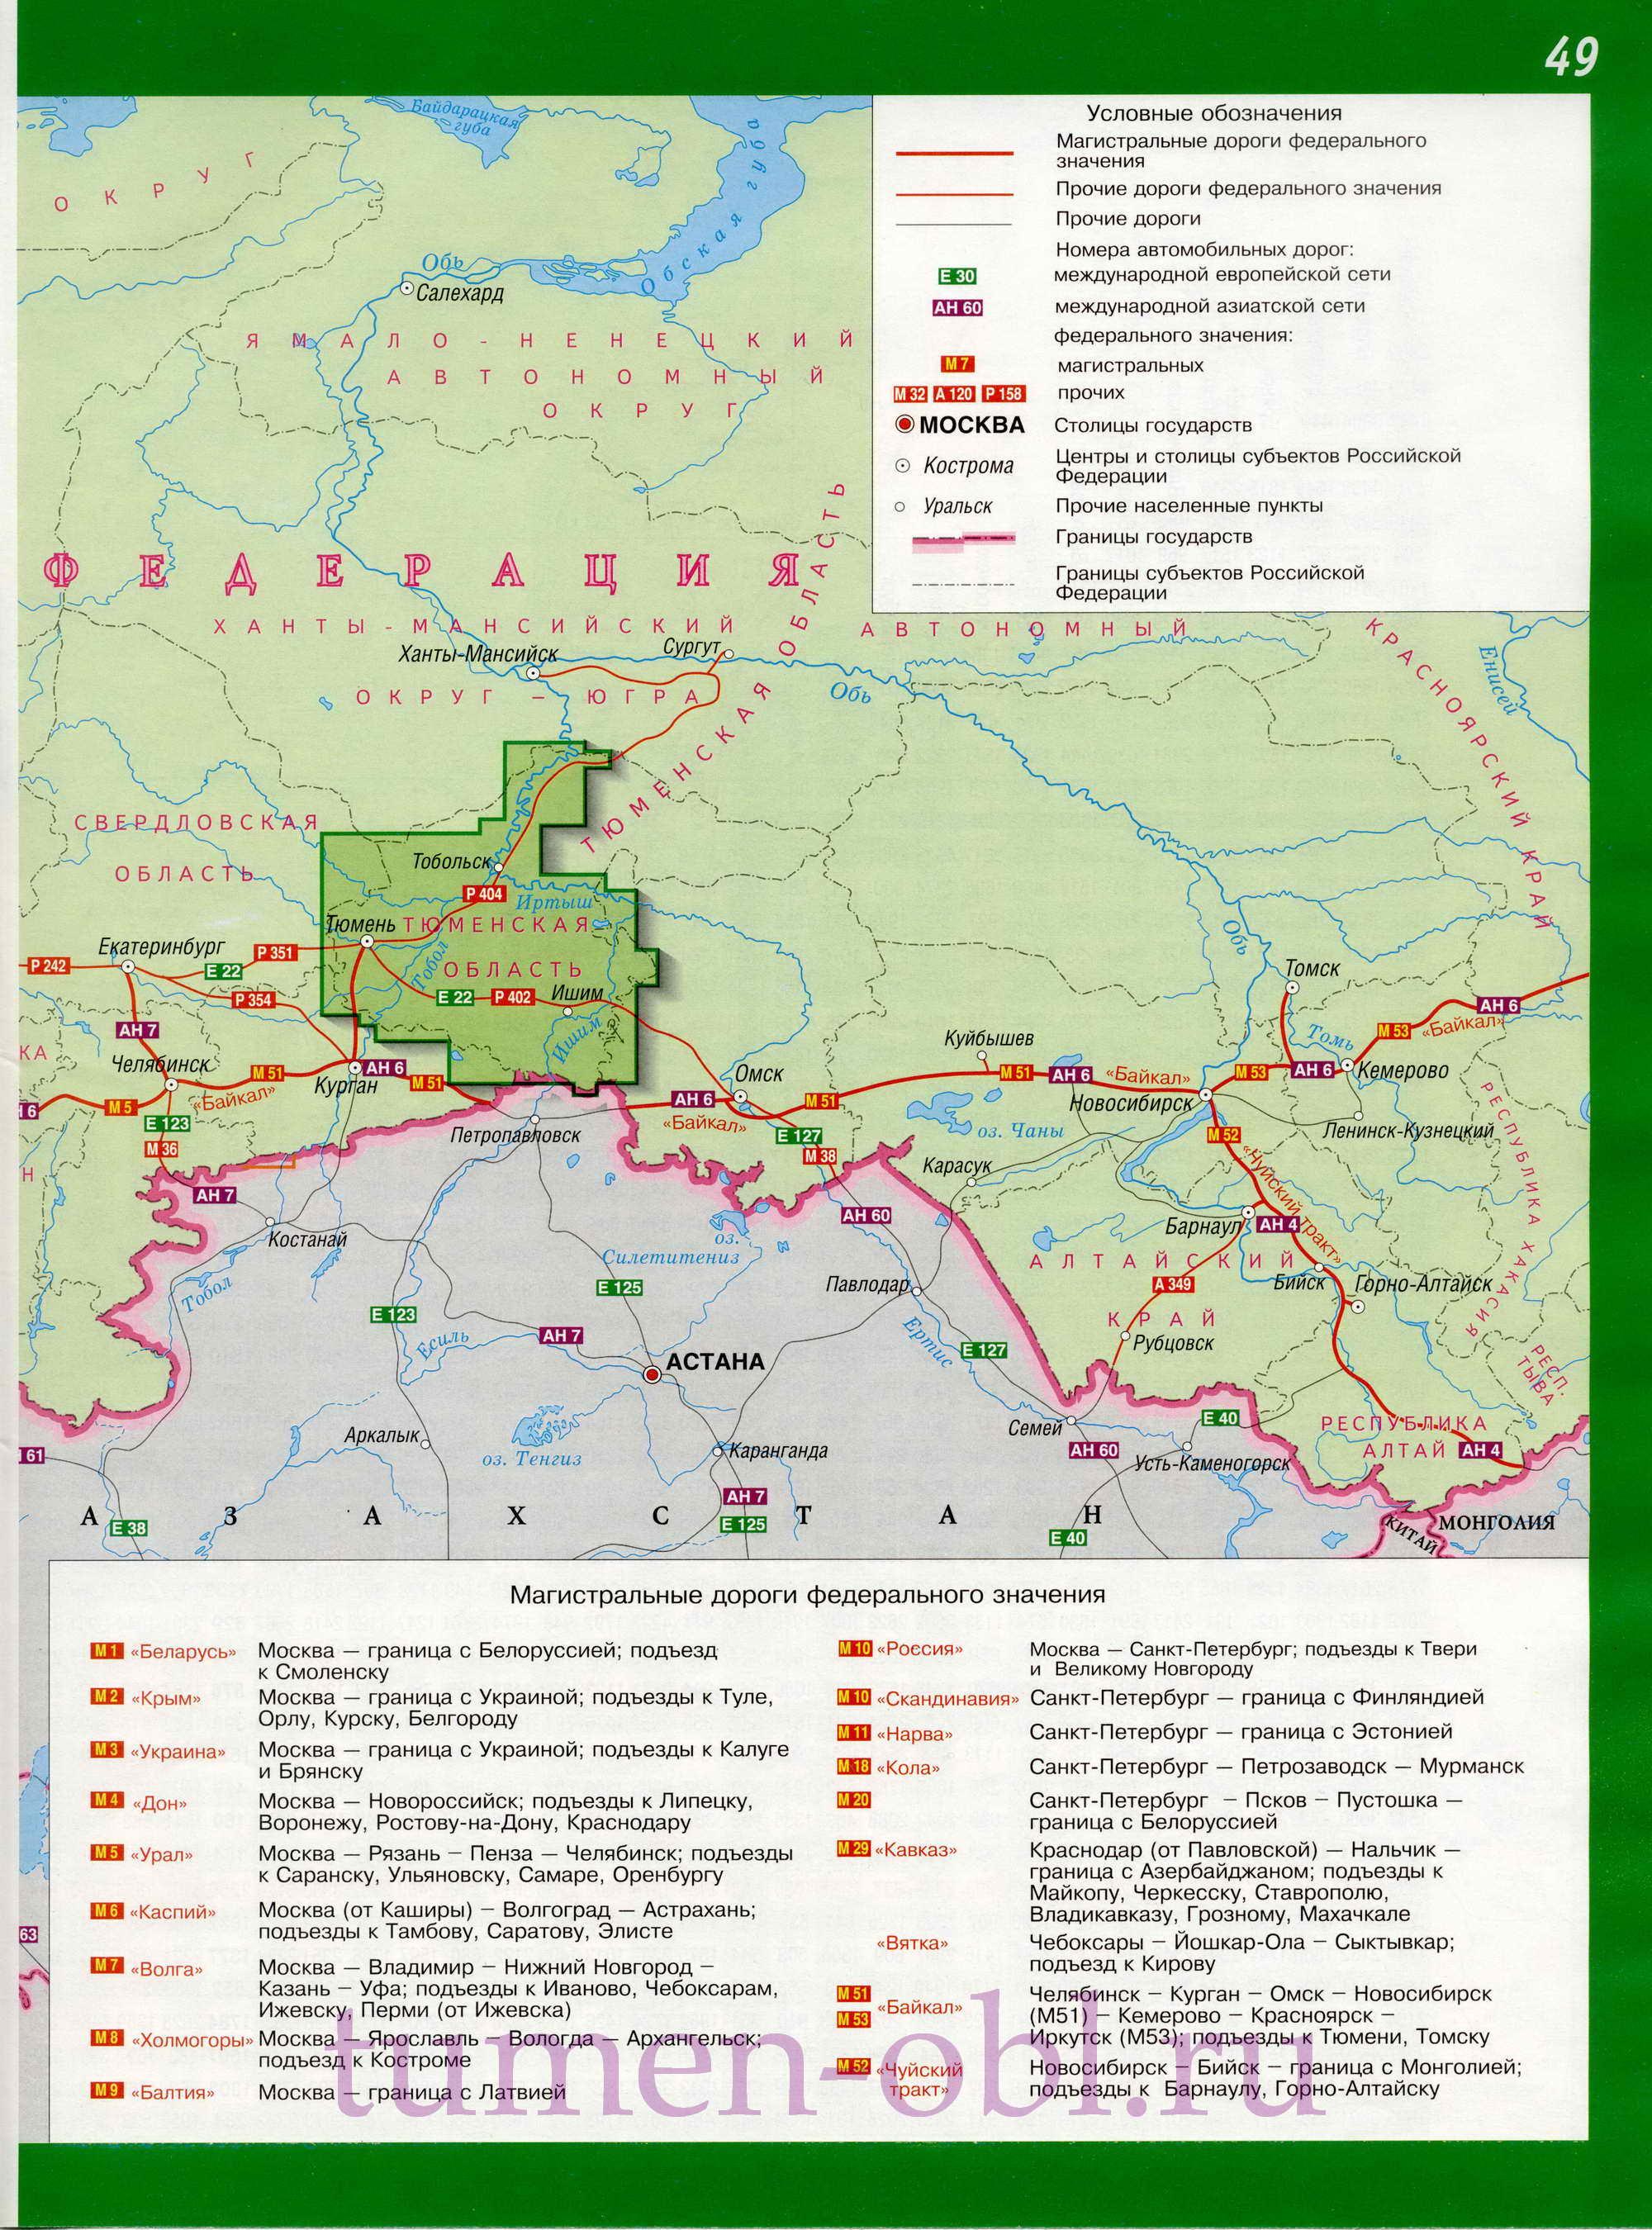 Карта схема важнейших автодорог России.